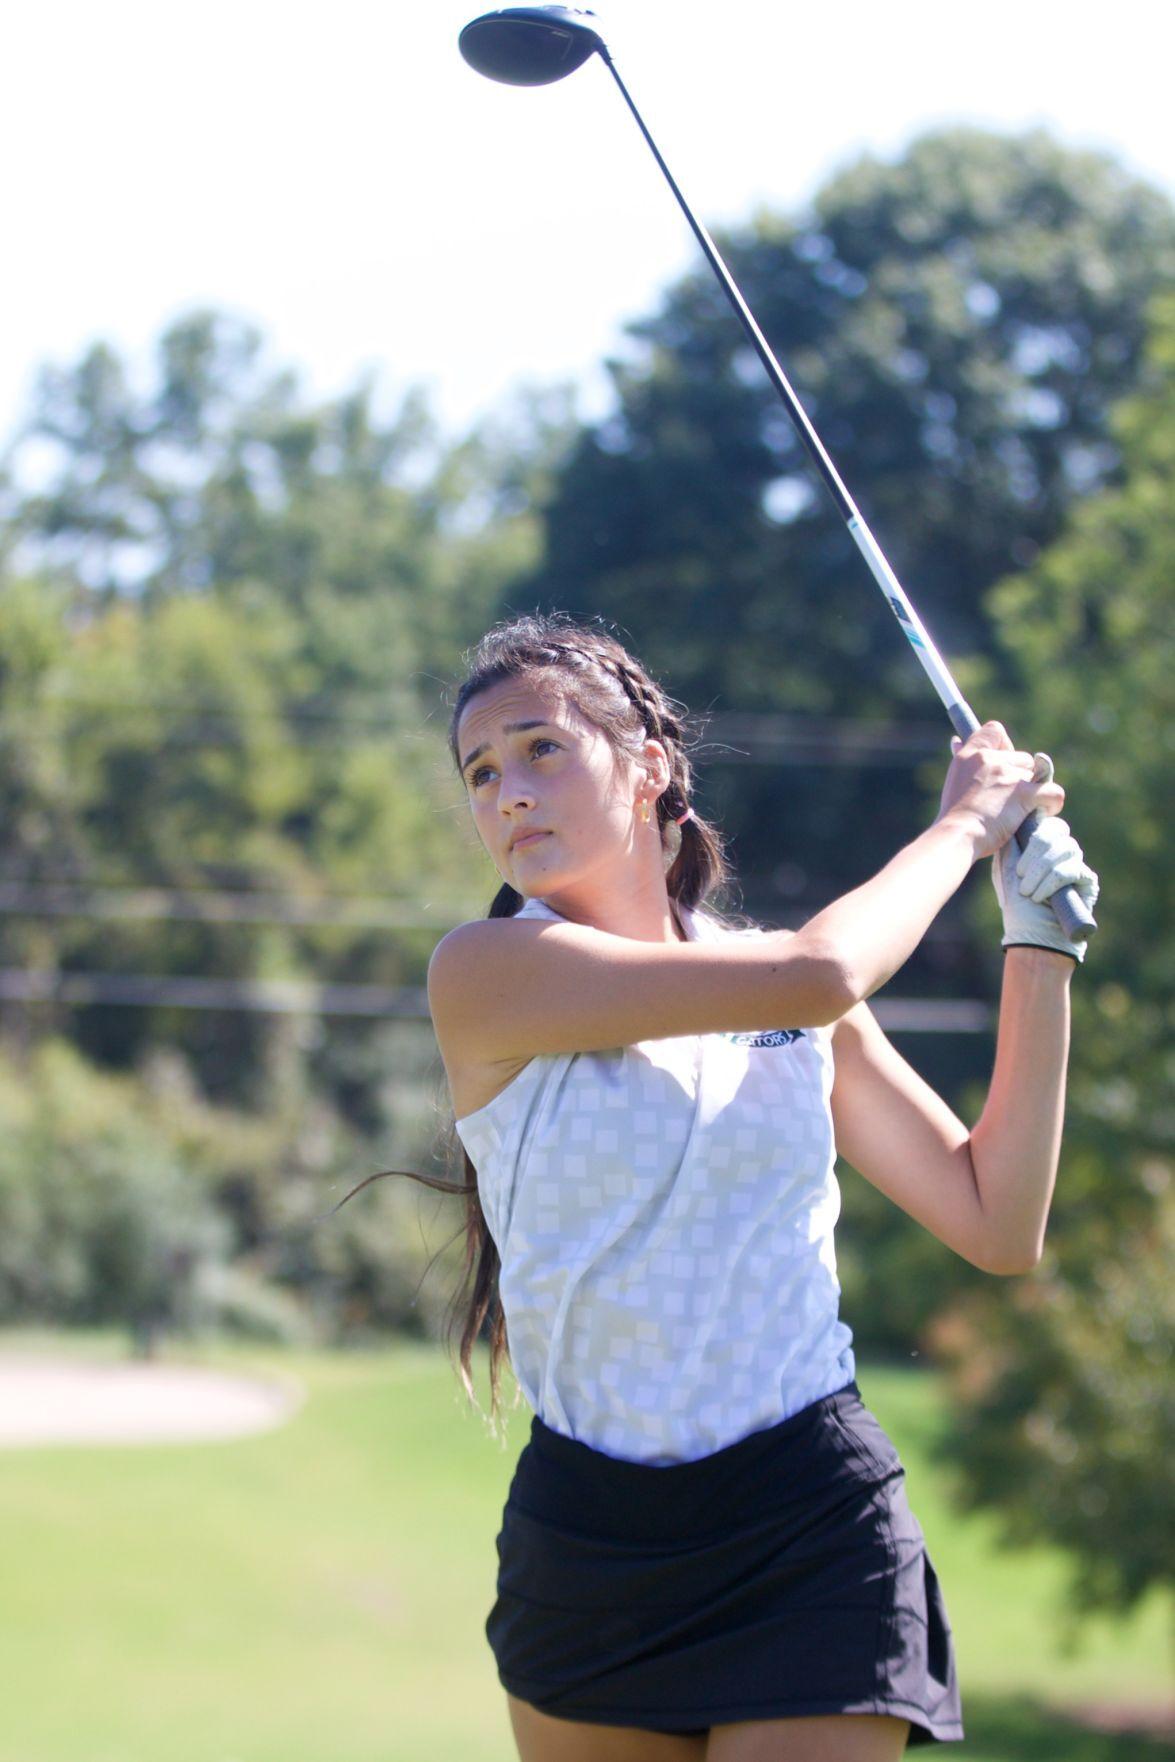 210927-sports-Region 3 Girls' Golf Tourn_outbound 2.jpg